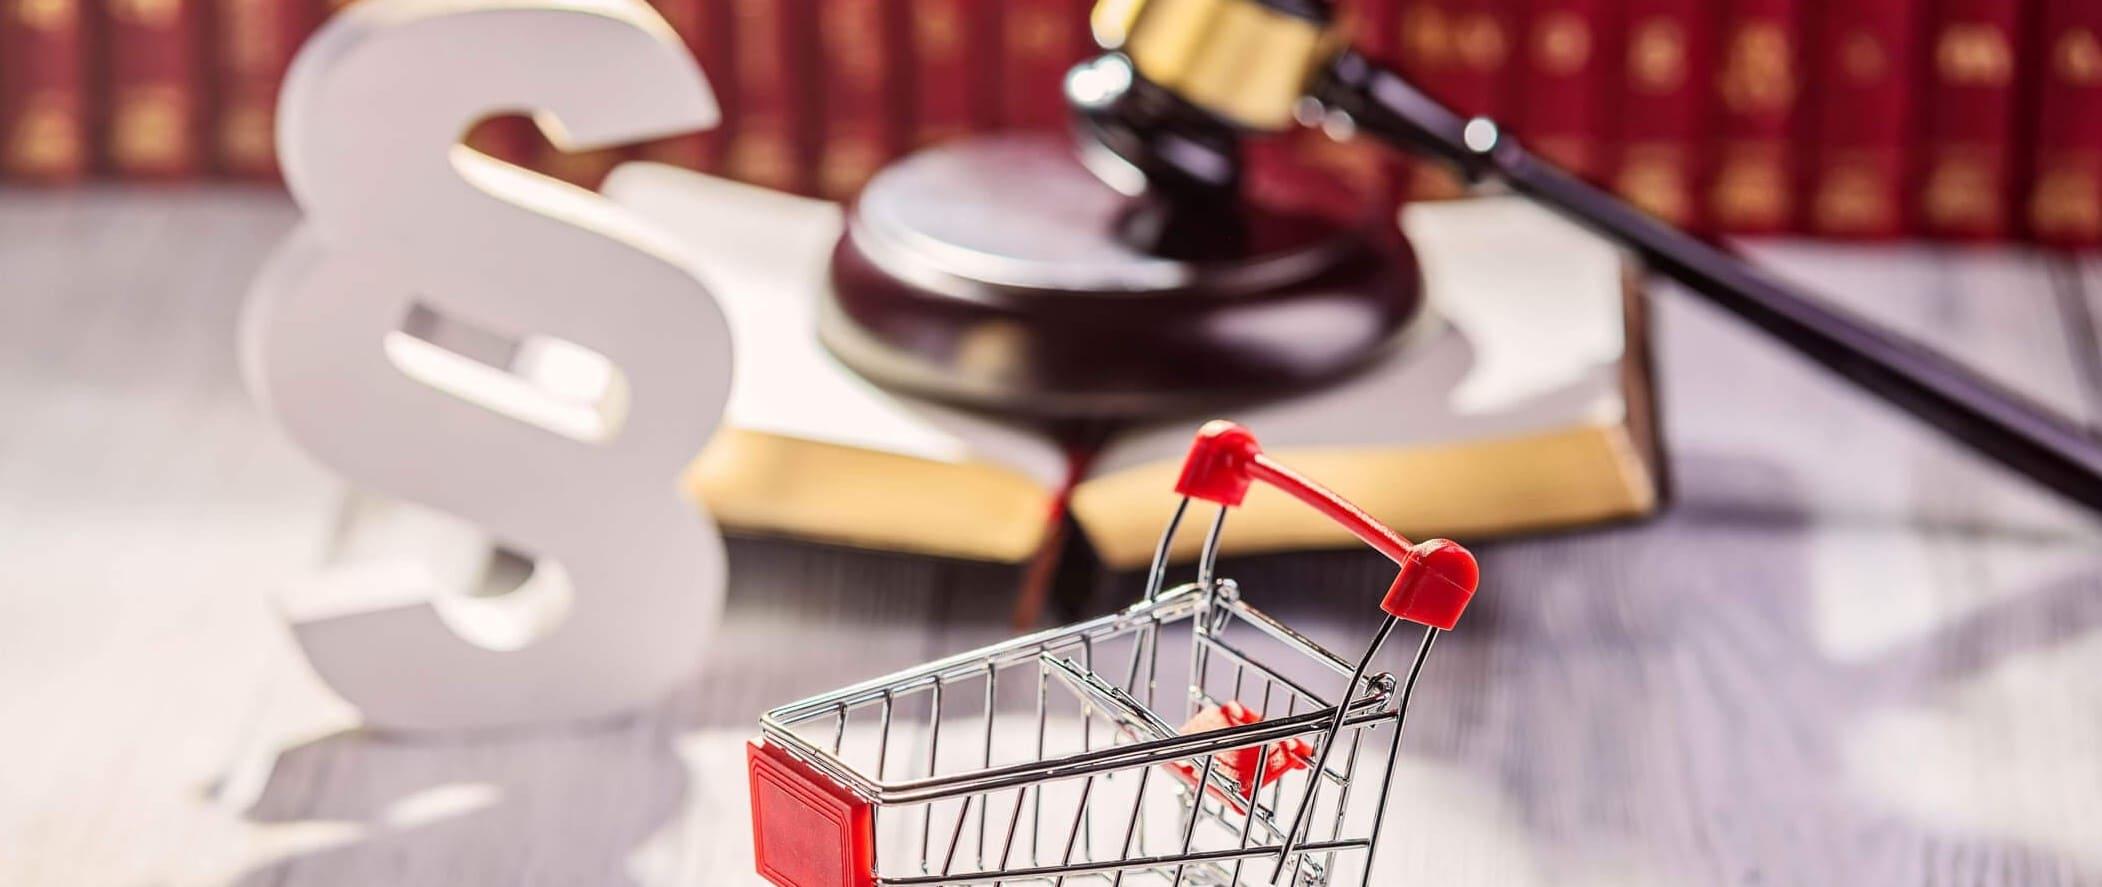 Saiba tudo sobre o Direito do Consumidor!